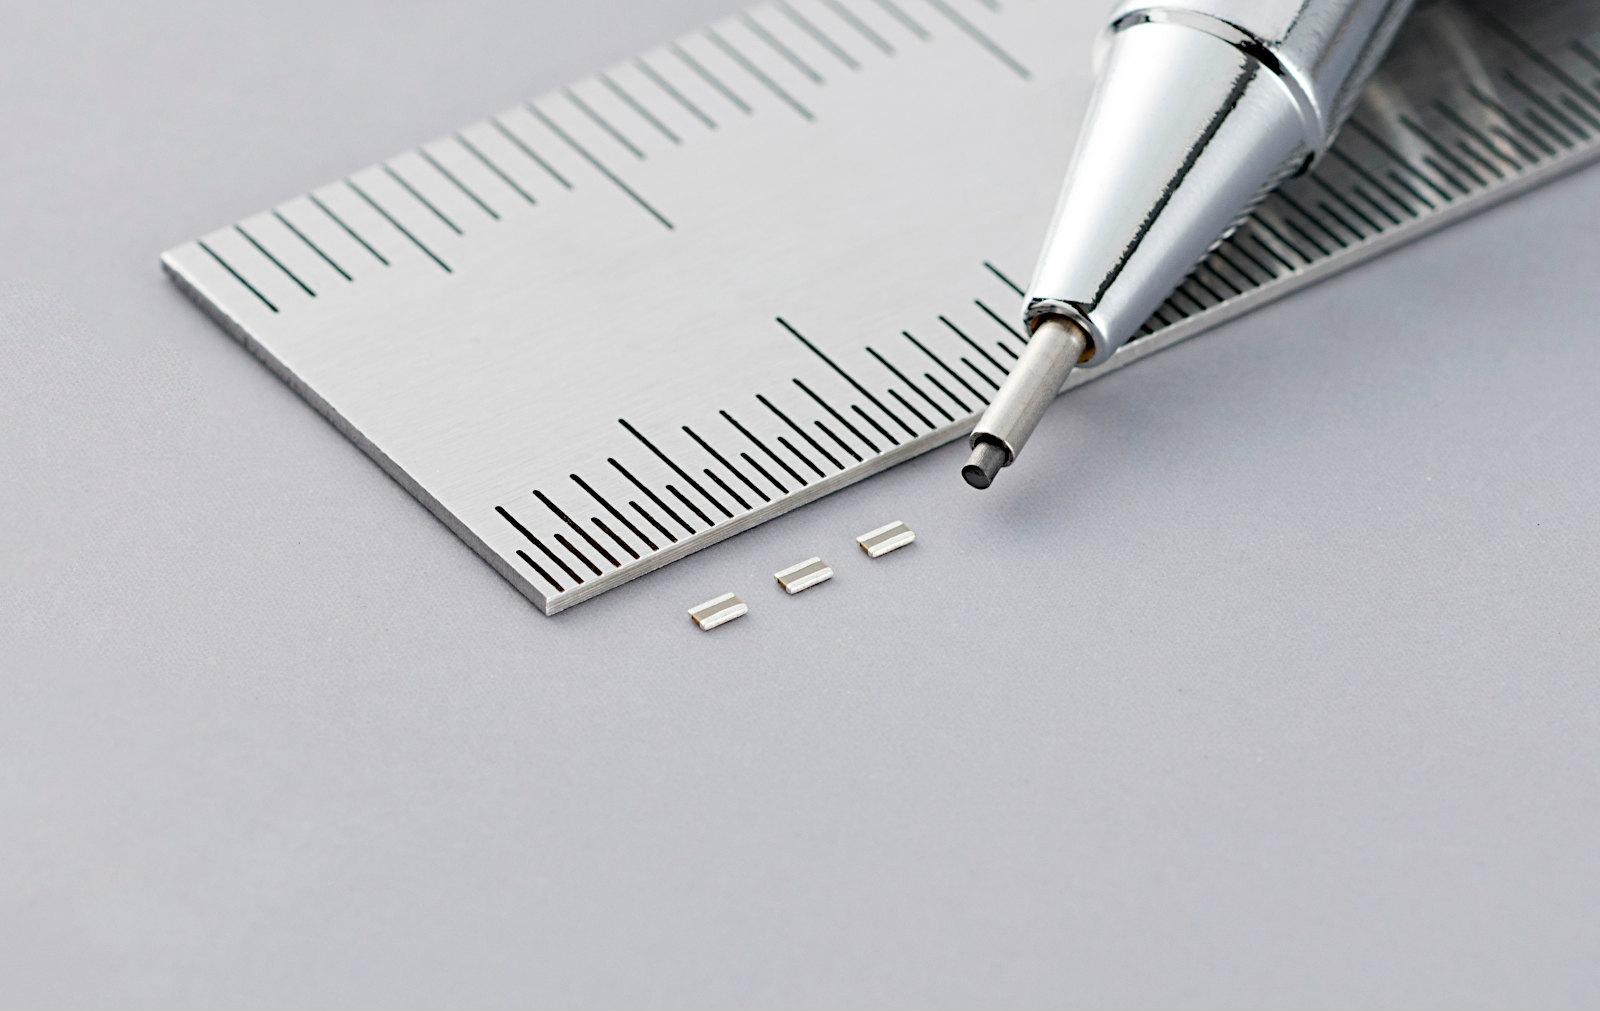 外形寸法が0.5mm×1.0mm×0.2mmと小さい低ESLの積層セラミックコンデンサー 村田製作所の写真